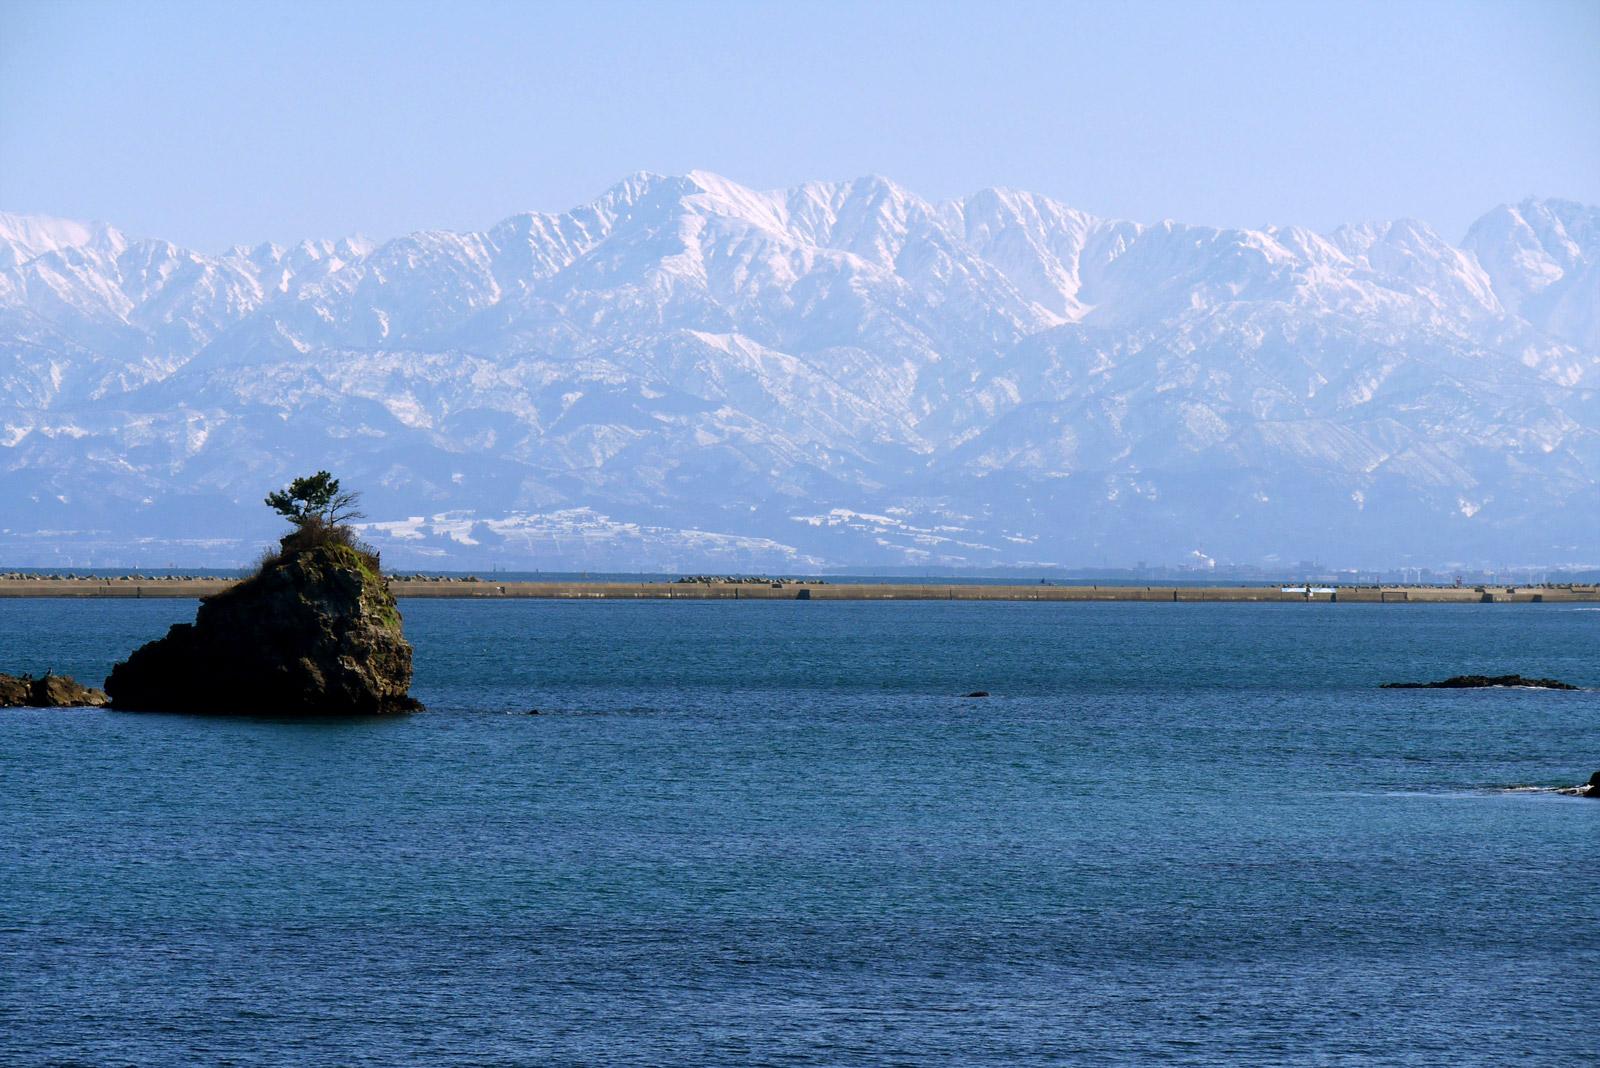 富山湾越しの立山連峰に惚れ込む